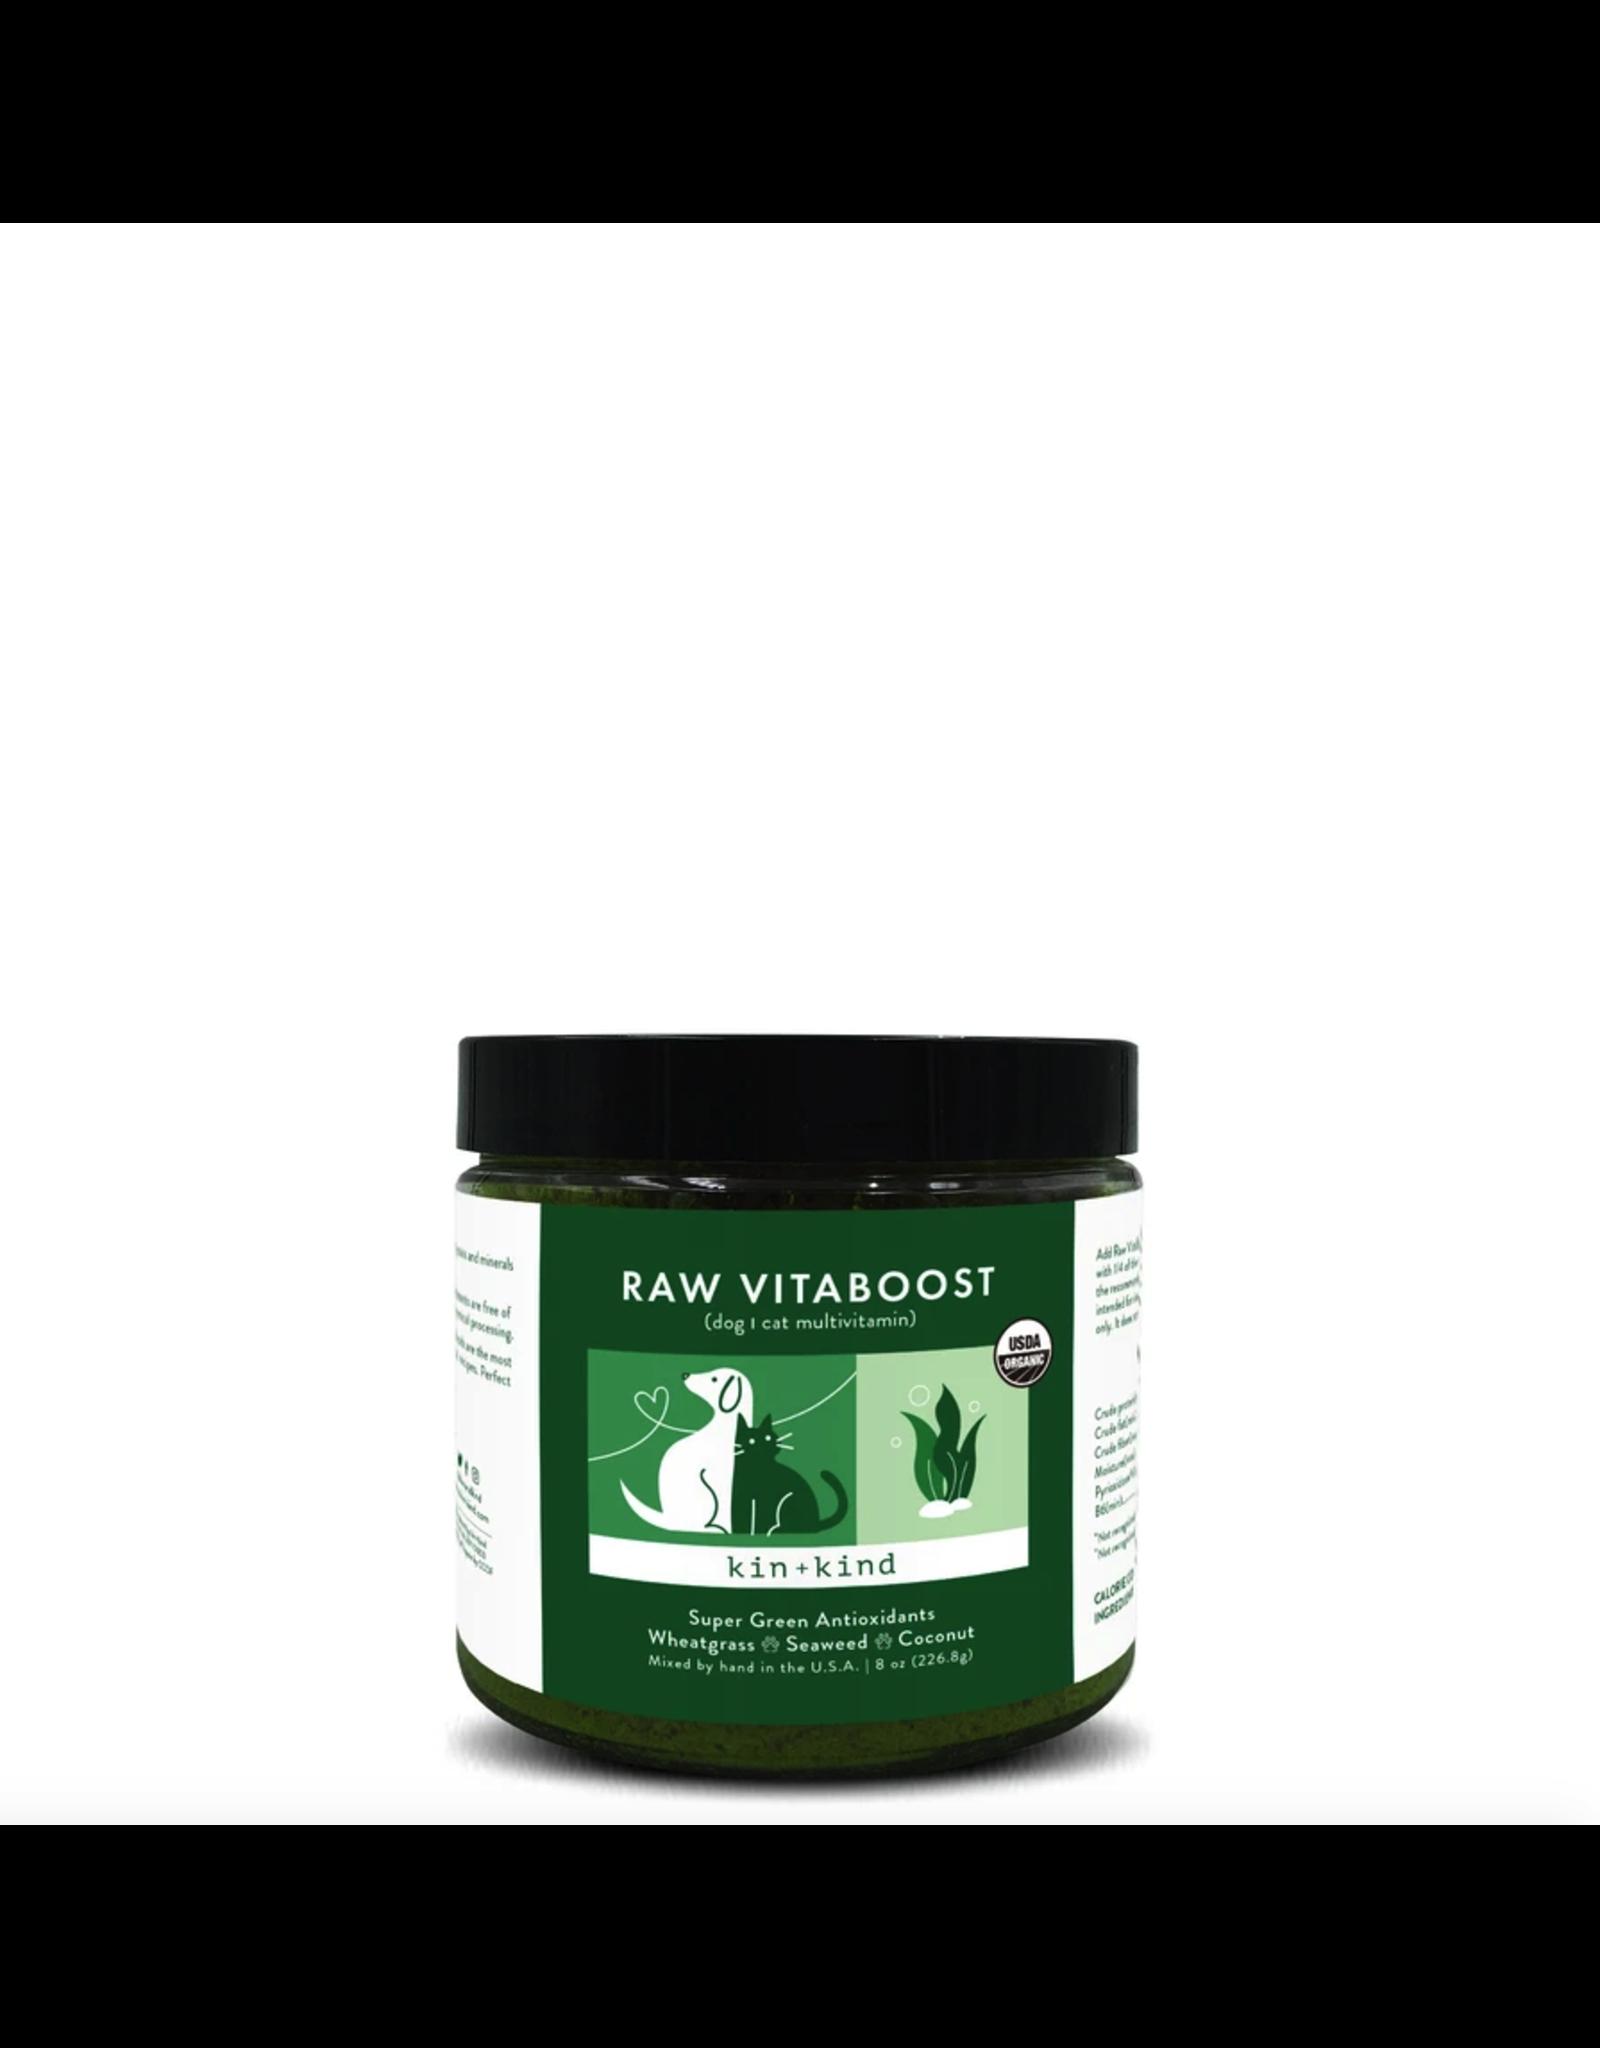 Kin and Kind Kin and Kind Healthy Skin and Coat Multivitamin